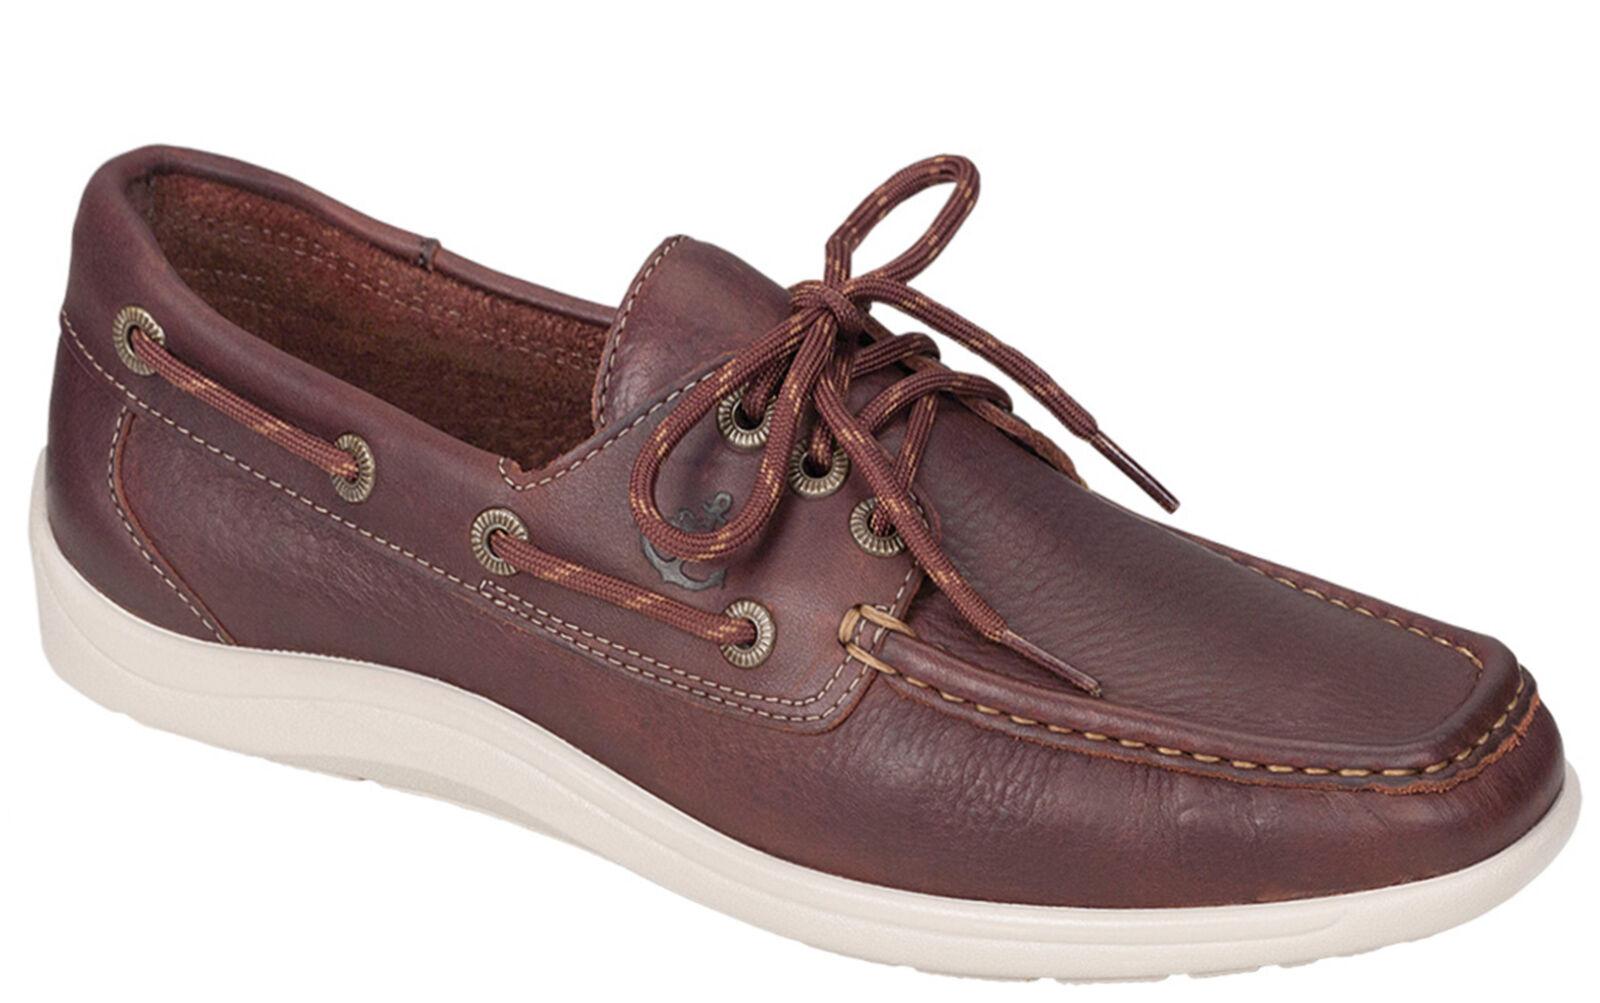 Decksider Lace Up Boat Shoe | SAS Shoes